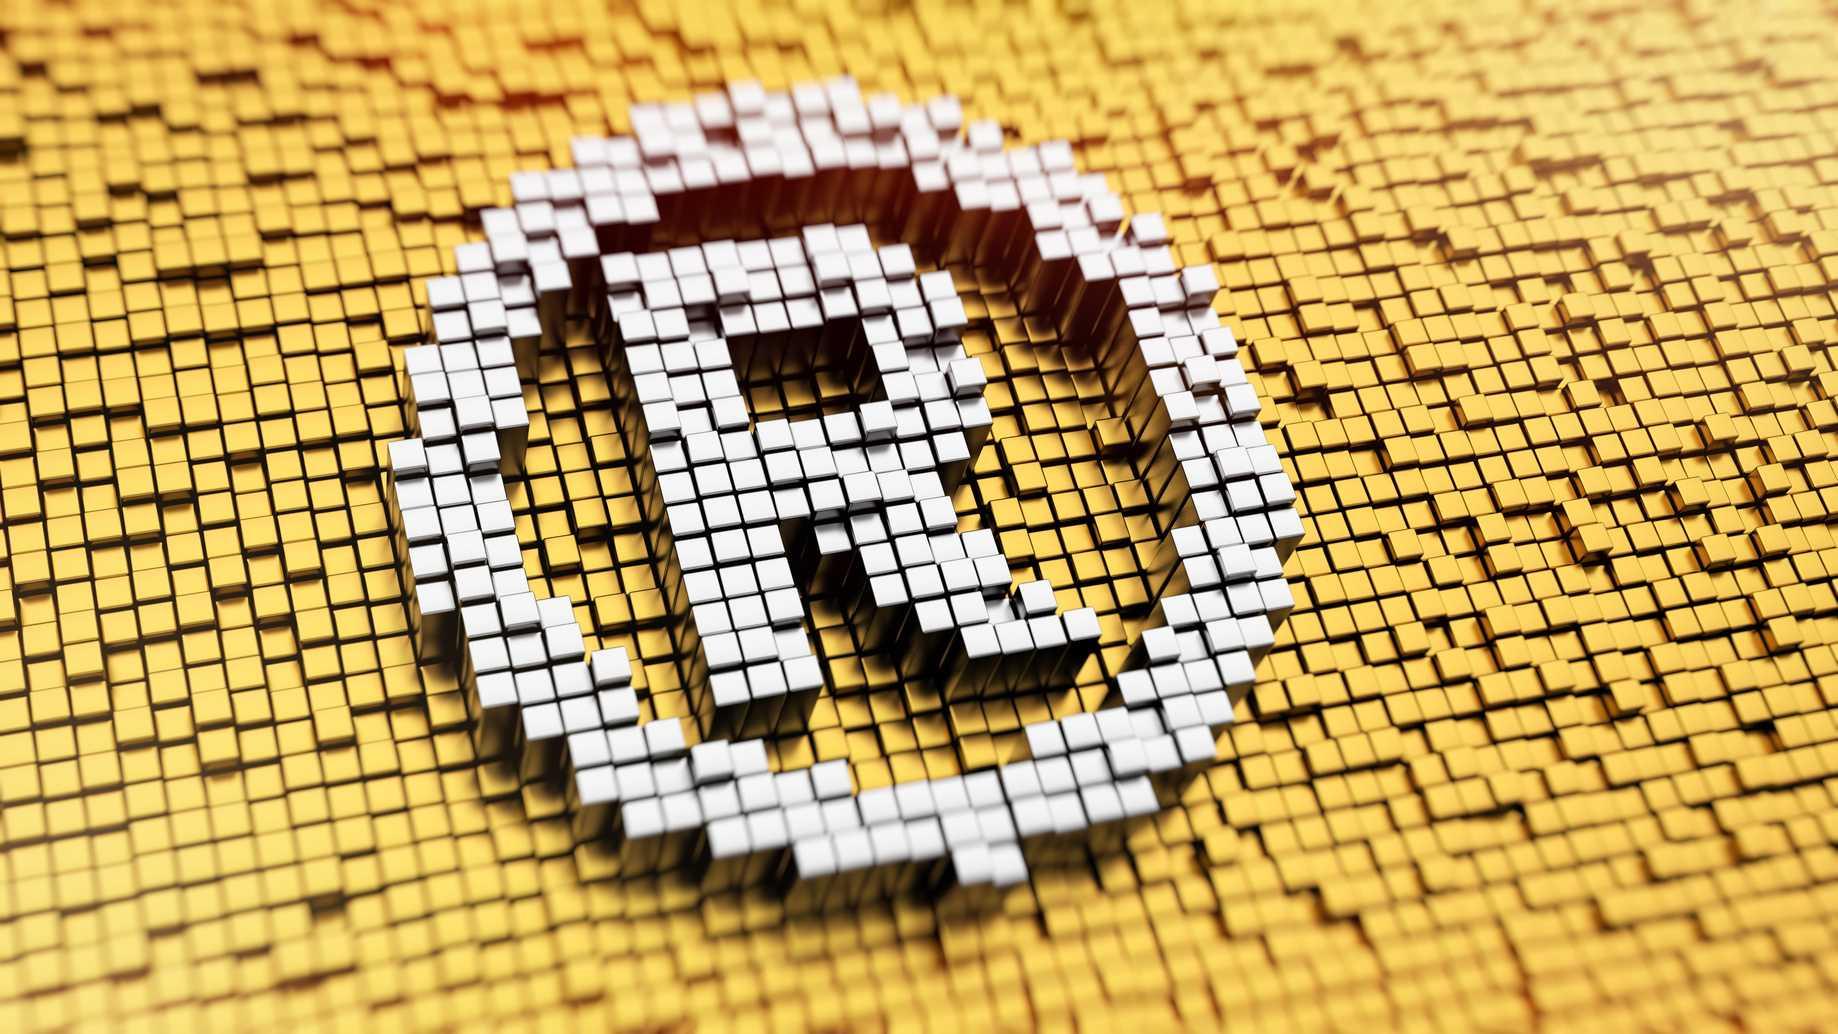 Czy warto rejestrować nazwy firm i produktów